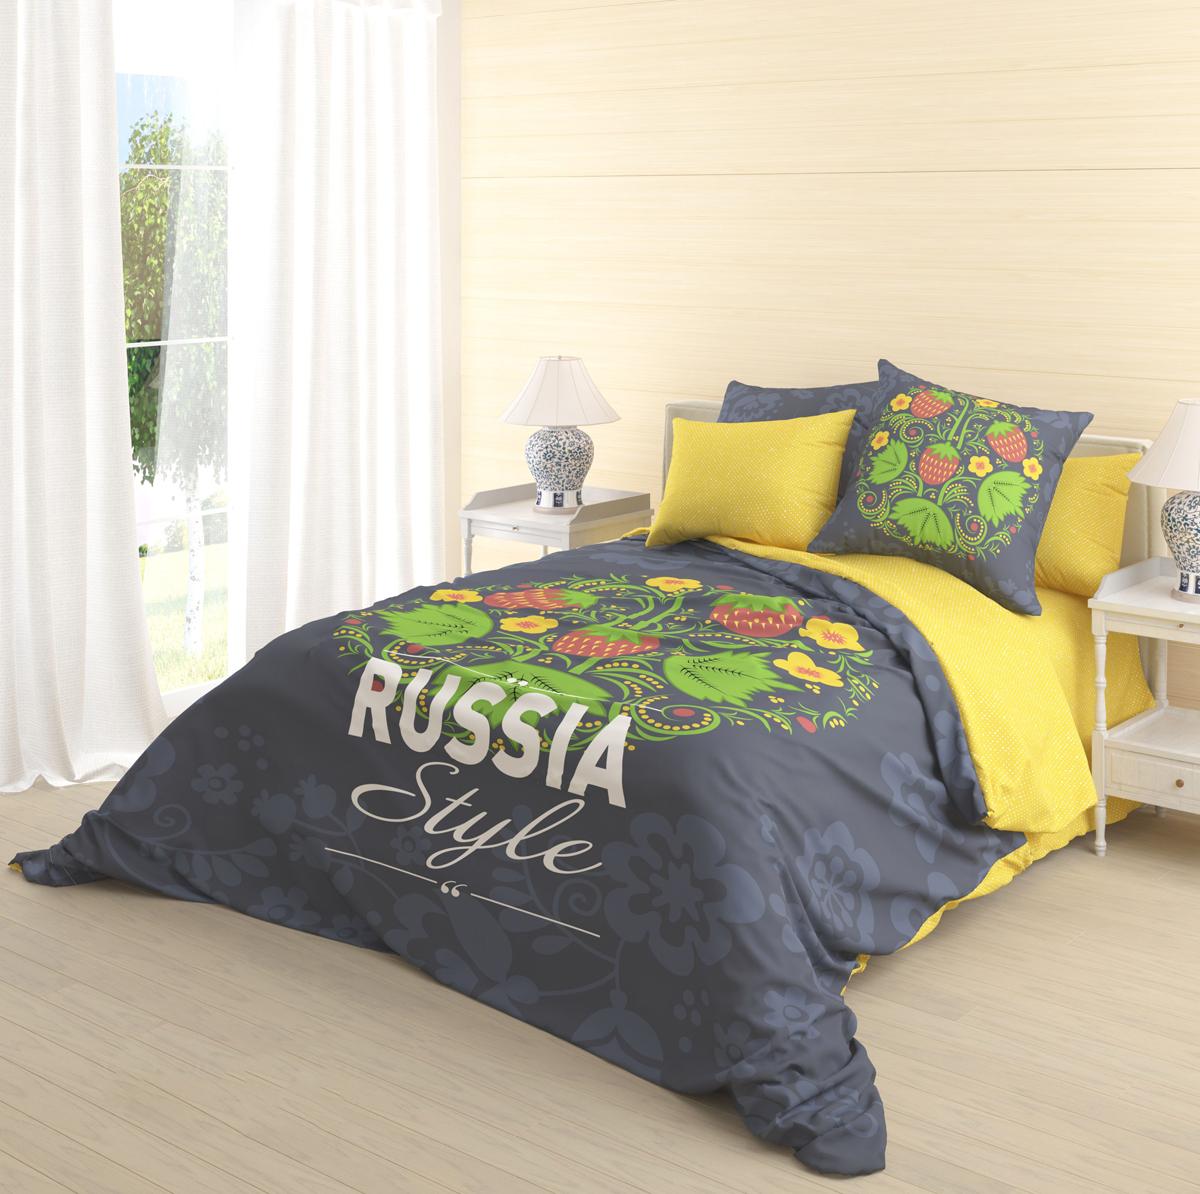 Комплект белья Волшебная ночь Ivan-Da-Maria, 2-спальный, наволочки 50х70 см718552Роскошный комплект постельного белья Волшебная ночь Ivan-Da-Maria выполнен из натурального ранфорса (100% хлопка) и оформлен оригинальным рисунком. Комплект состоит из пододеяльника, простыни и двух наволочек.Ранфорс - это новая современная гипоаллергенная ткань из натуральных хлопковых волокон, которая прекрасно впитывает влагу, очень проста в уходе, а за счет высокой прочности способна выдерживать большое количество стирок. Высочайшее качество материала гарантирует безопасность.